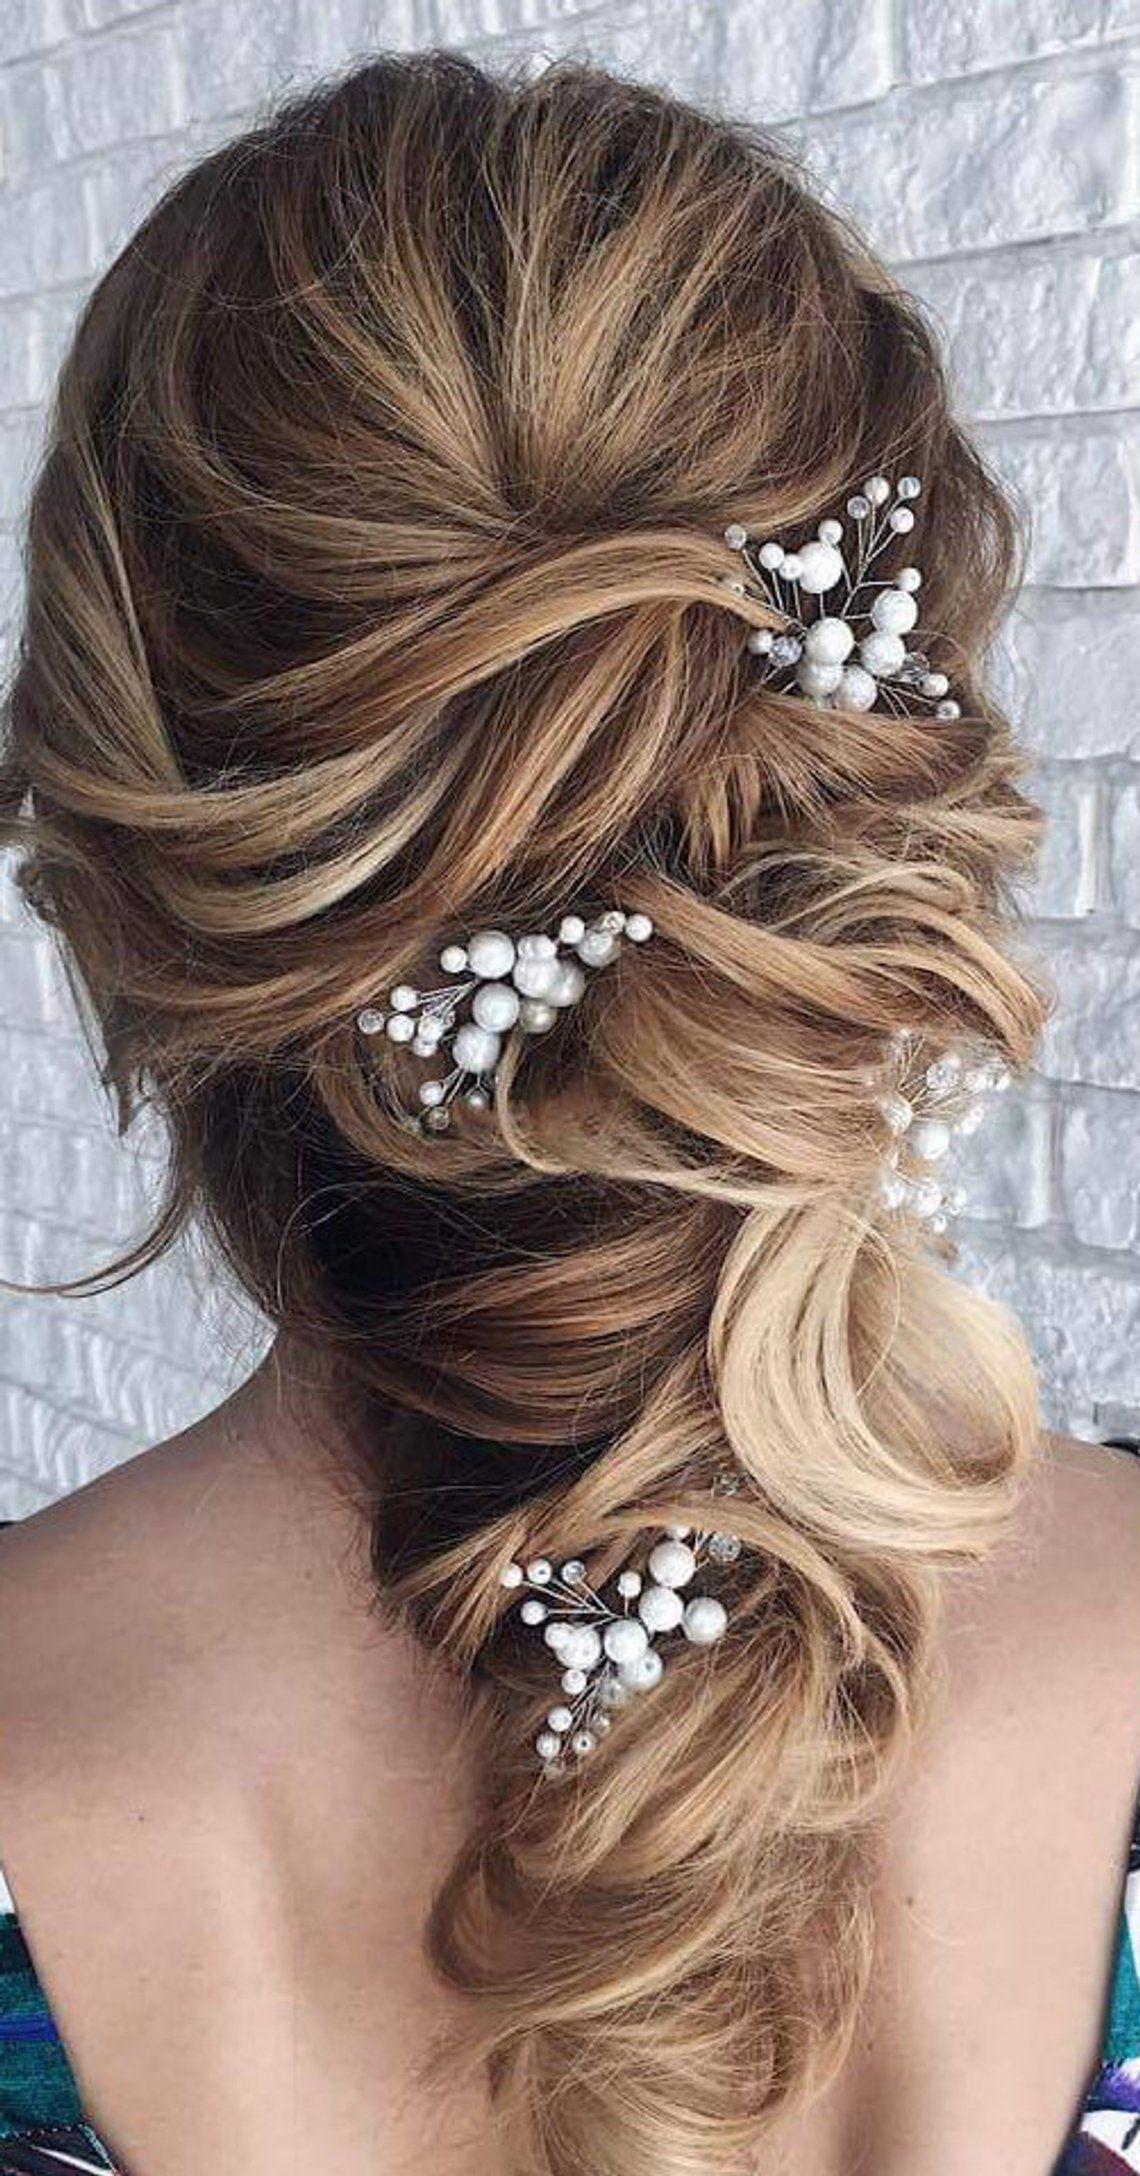 Bride Hair Pins Bridal Hair Piece Gypsophila Babys Breath Hair Accessories Bridesmaid Hair Pin Ac Bride Hair Pins Bridesmaid Hair Accessories Long Hair Styles